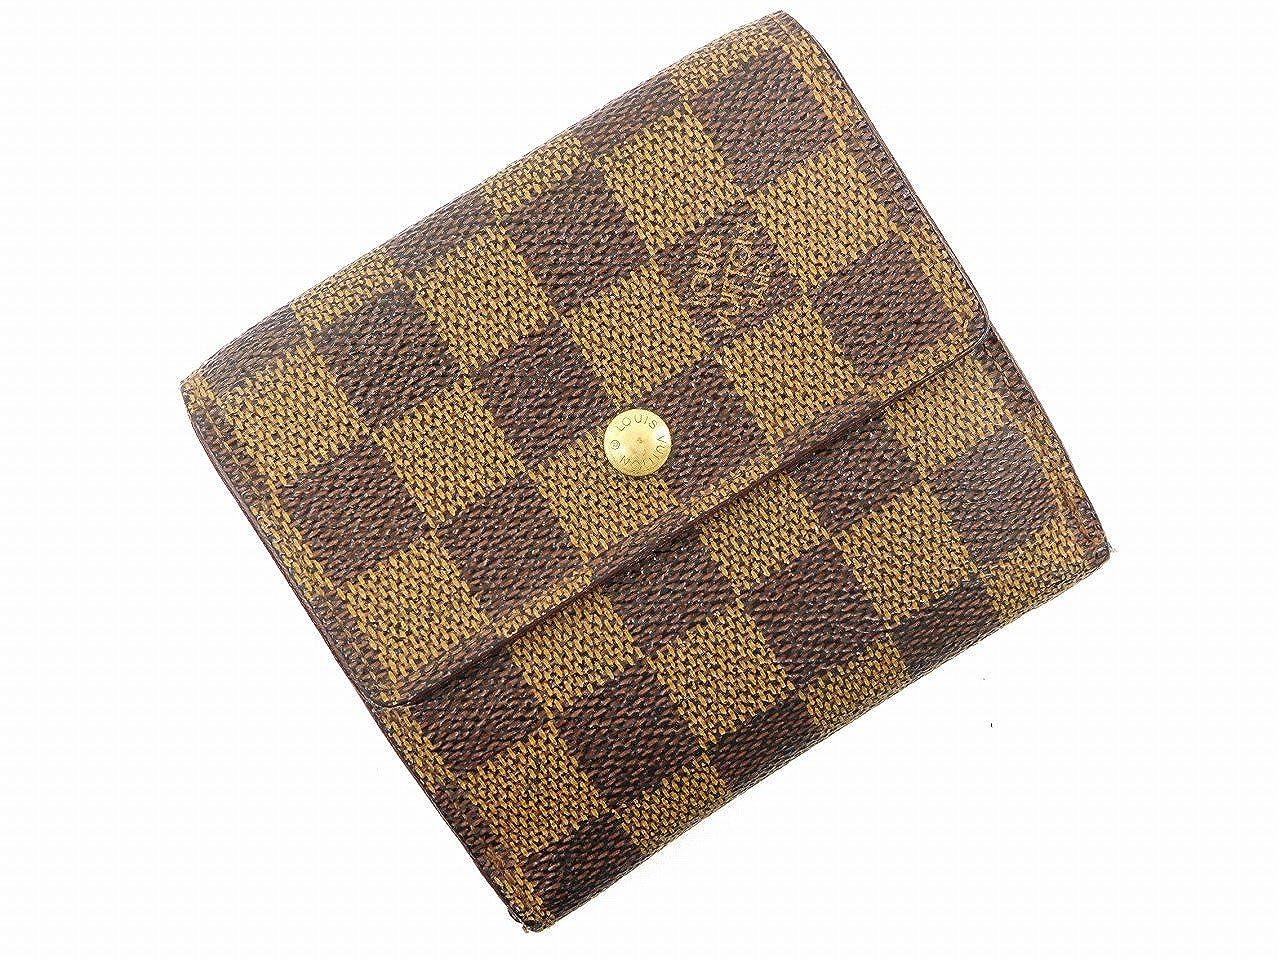 [ルイヴィトン] LOUIS VUITTON 二つ折り財布 ダミエ PVC×レザー X16505 中古   B0789LLZBM